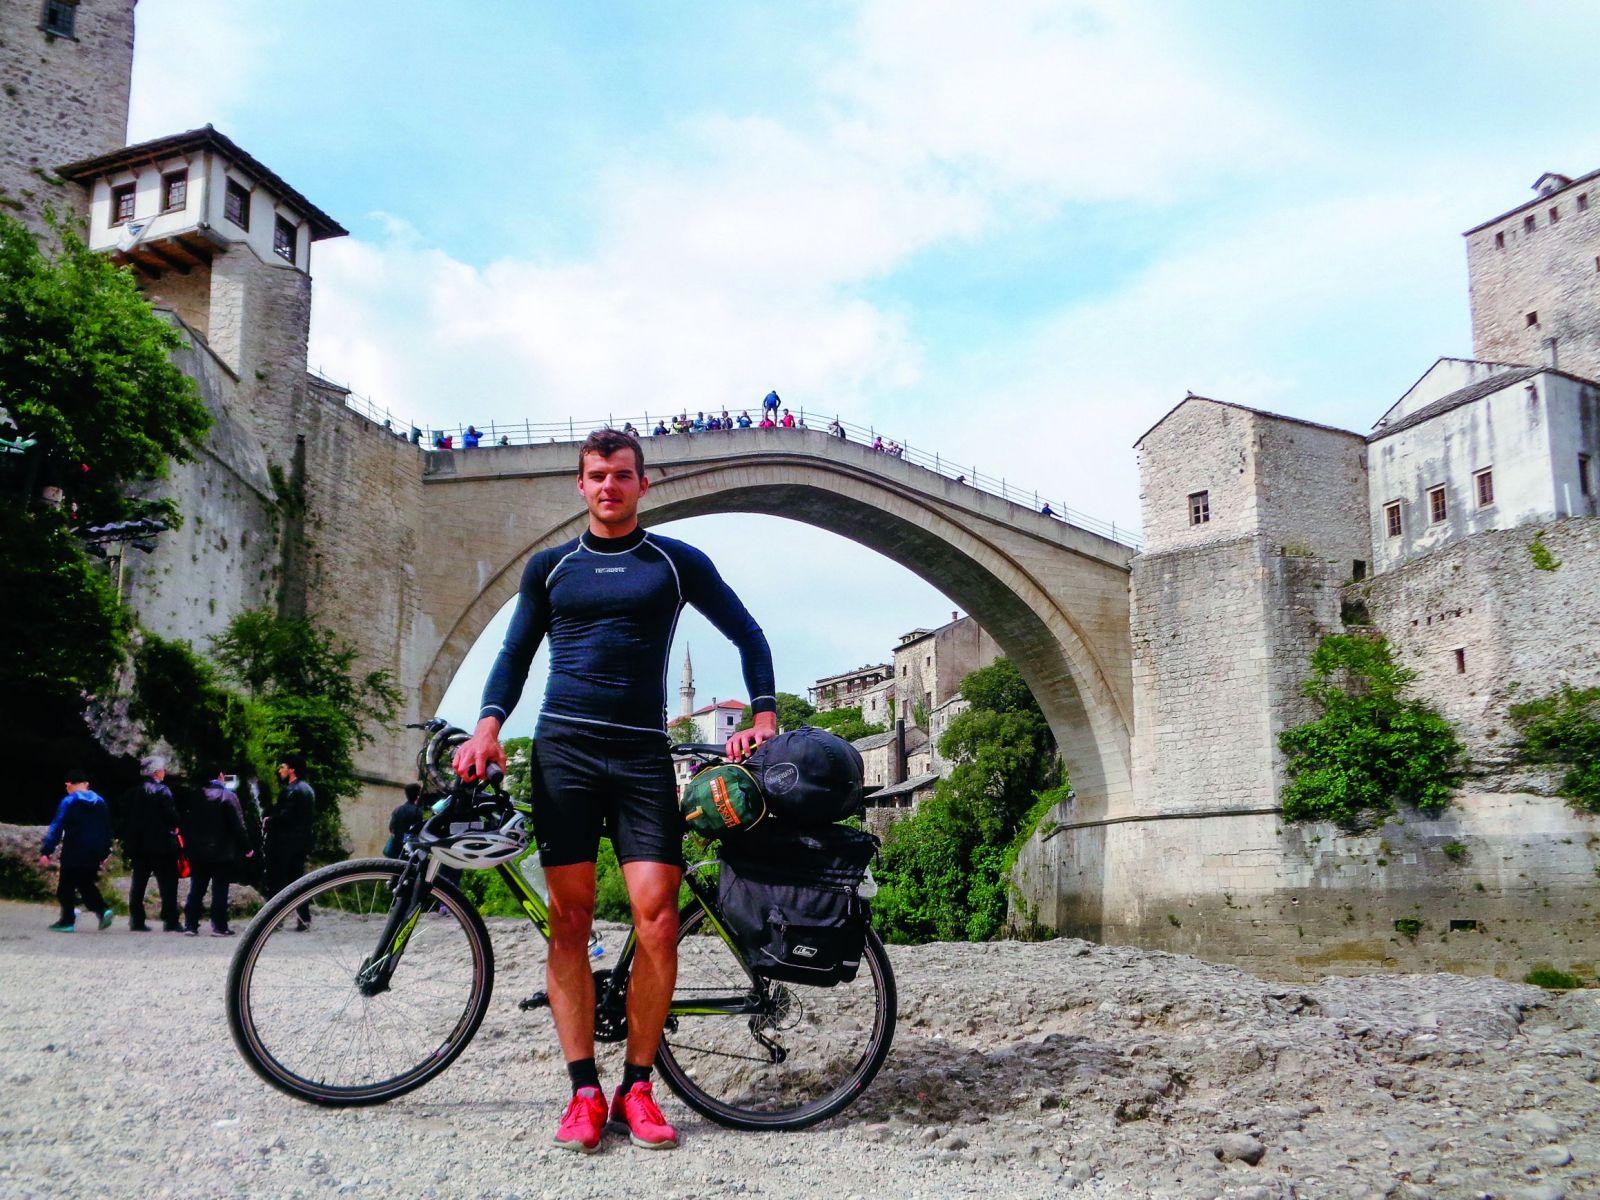 Daniel musel pre zranenia skončiť s profesionálnym futbalom. Namiesto toho prešiel na bicykli 20 tisíc kilometrov